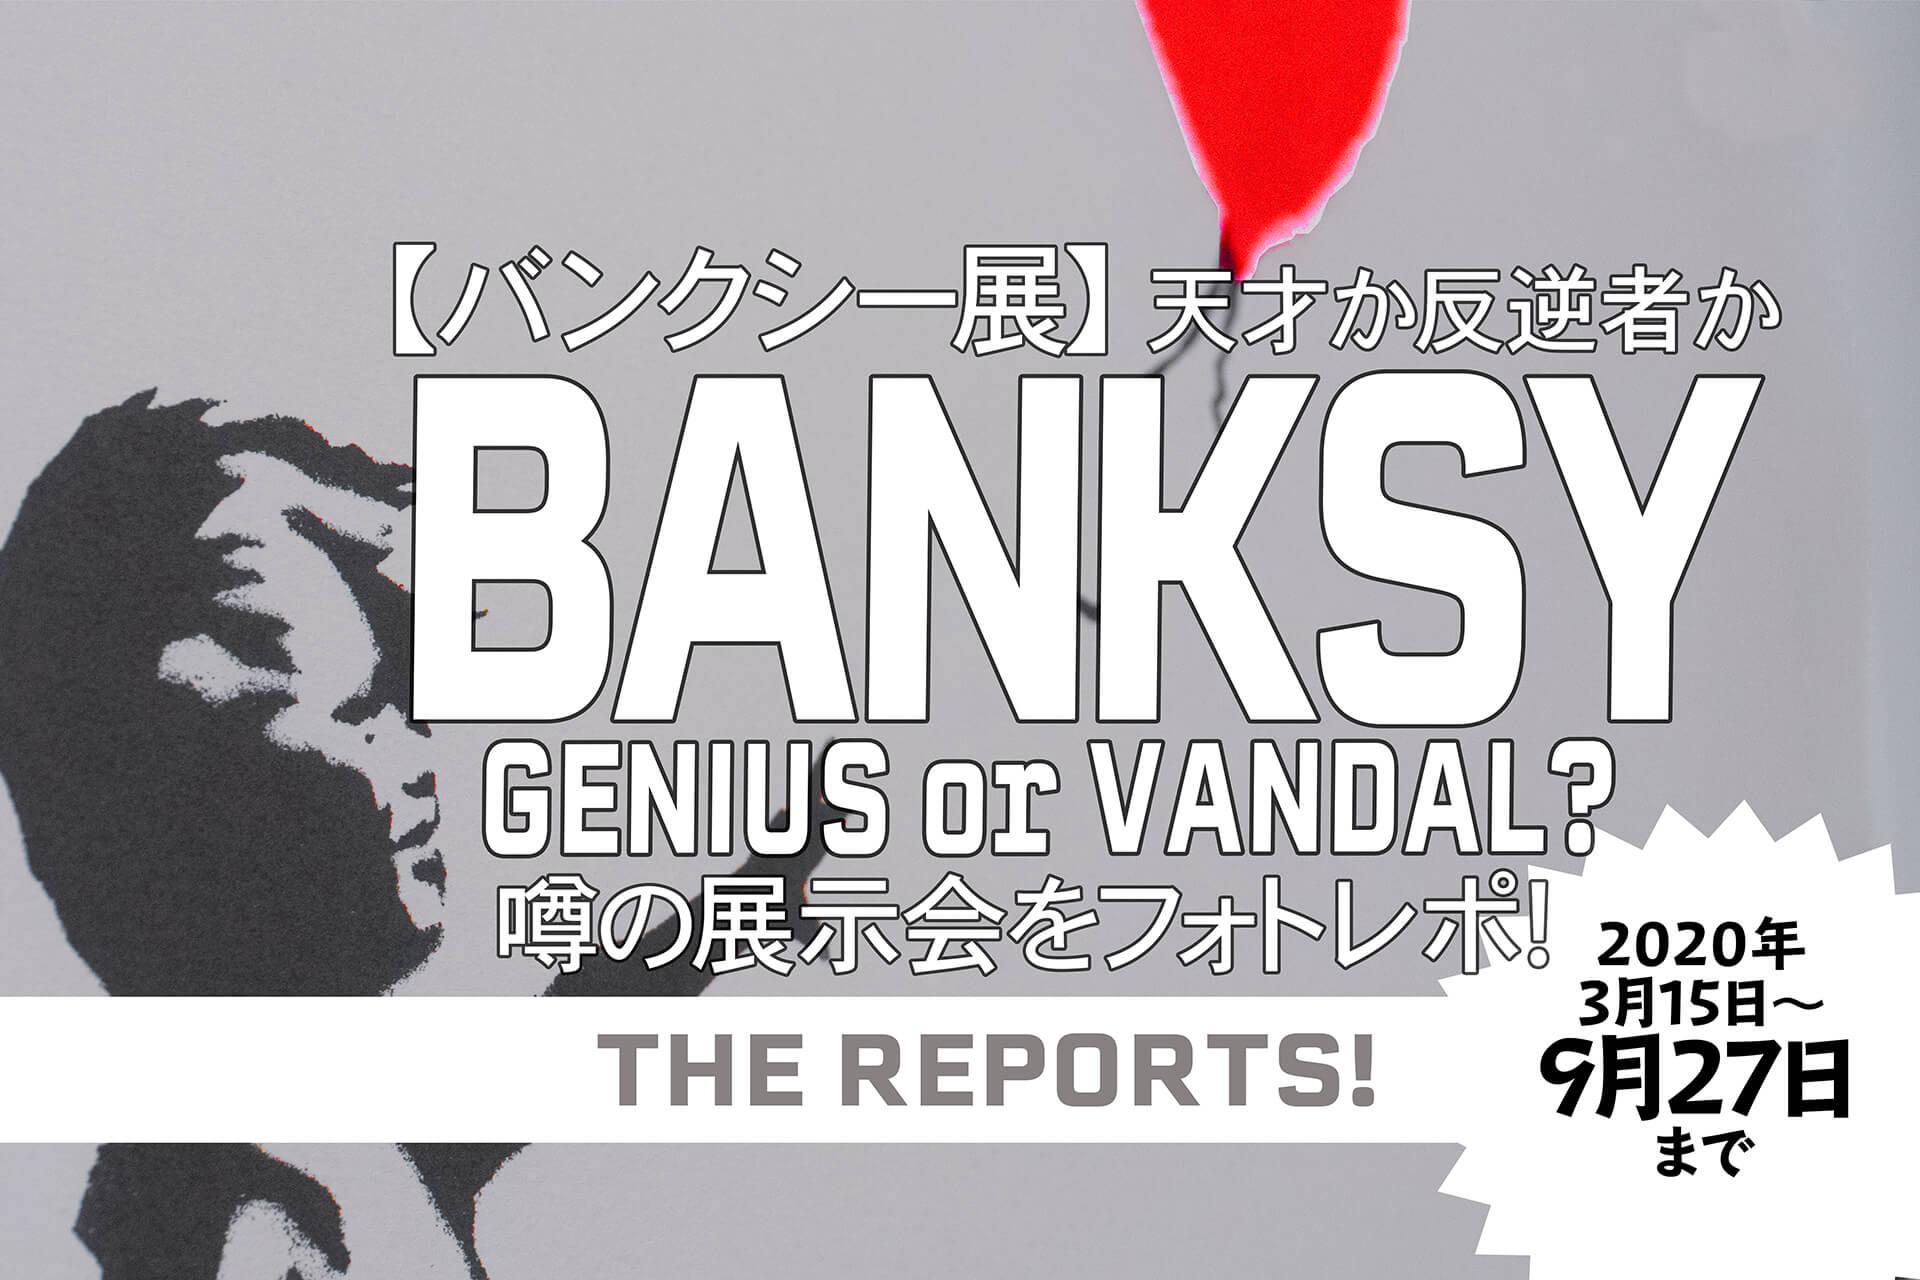 バンクシー展・バナー